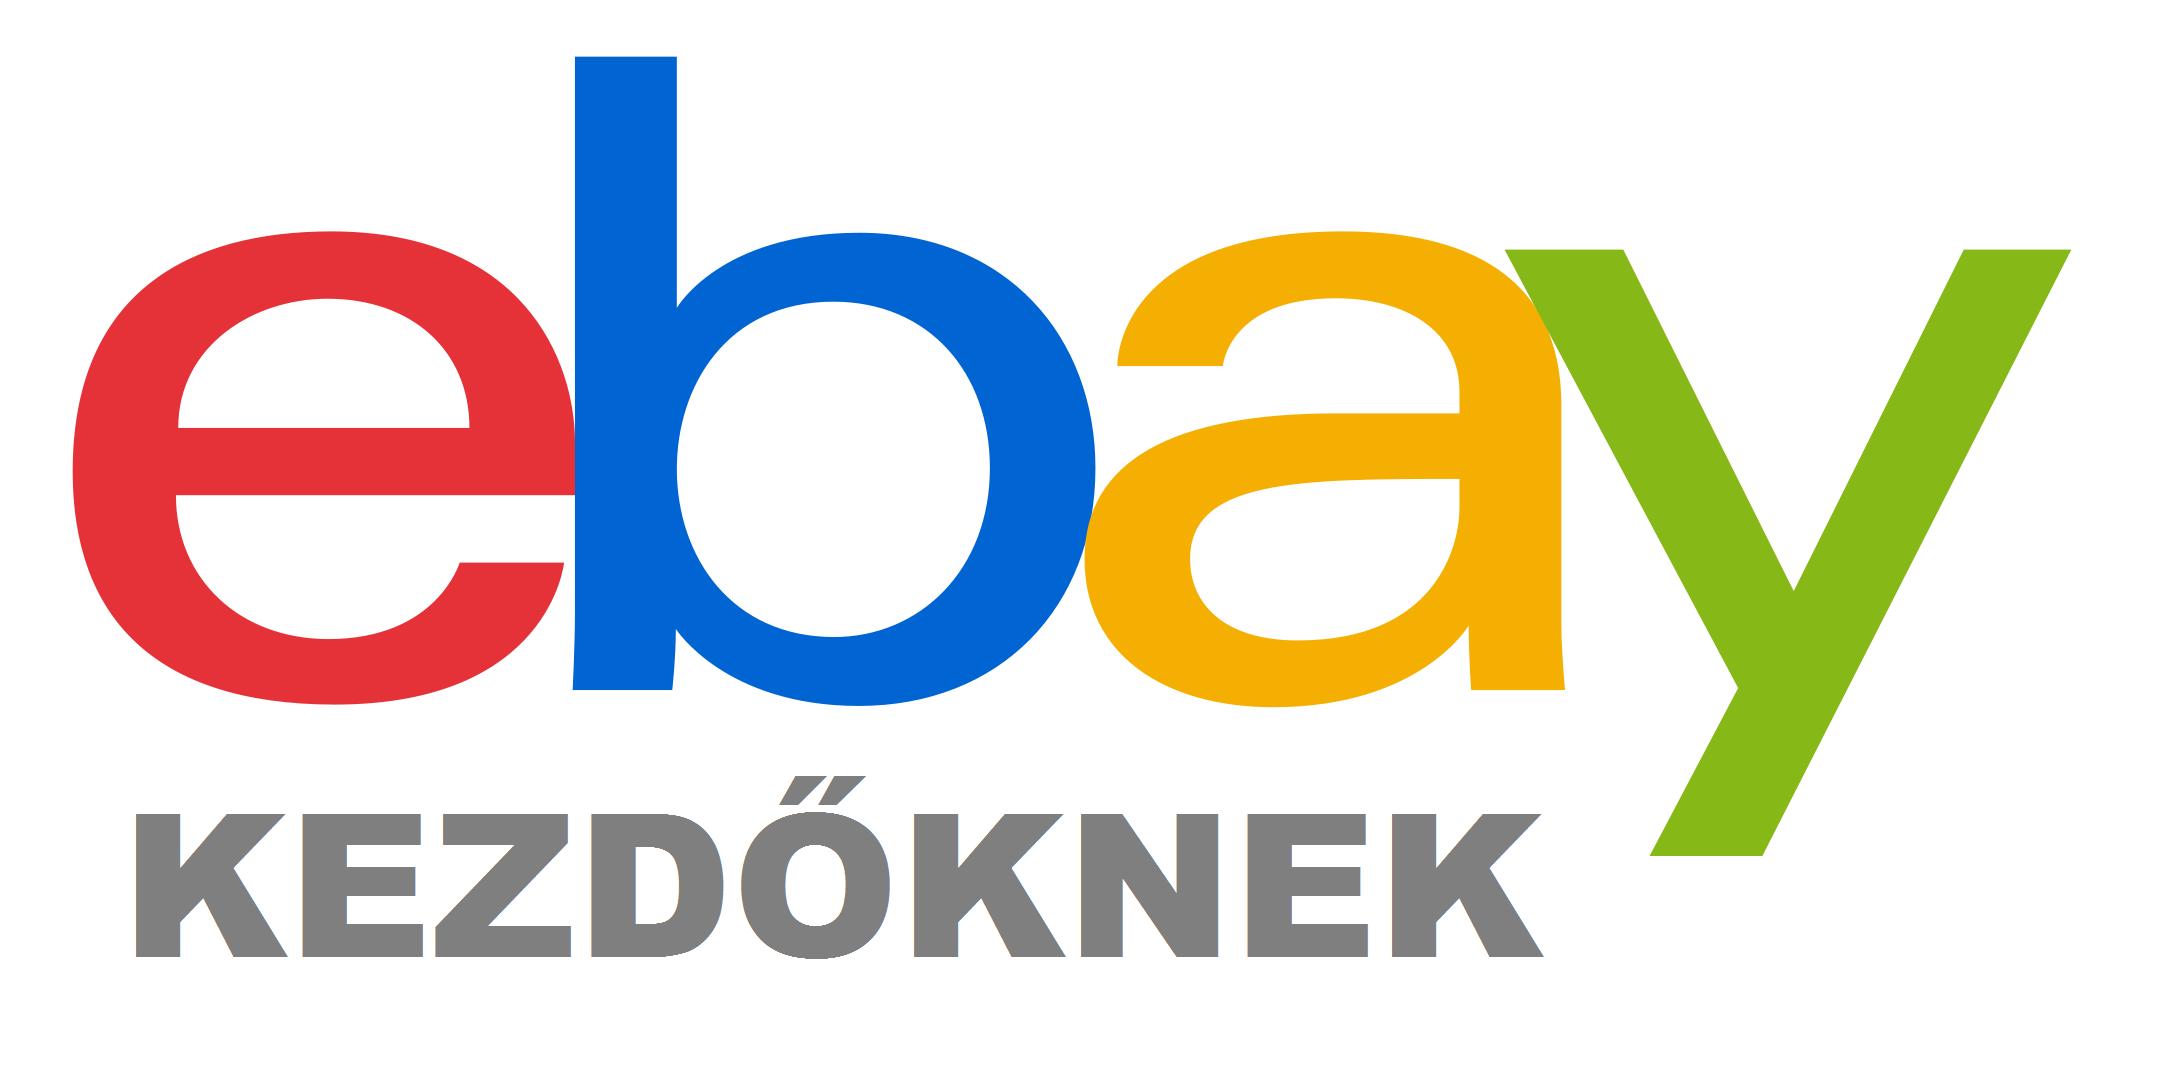 e58e4cc3a5 Rendelés külföldről - eBay kezdőknek (regisztráció - vásárlás ...